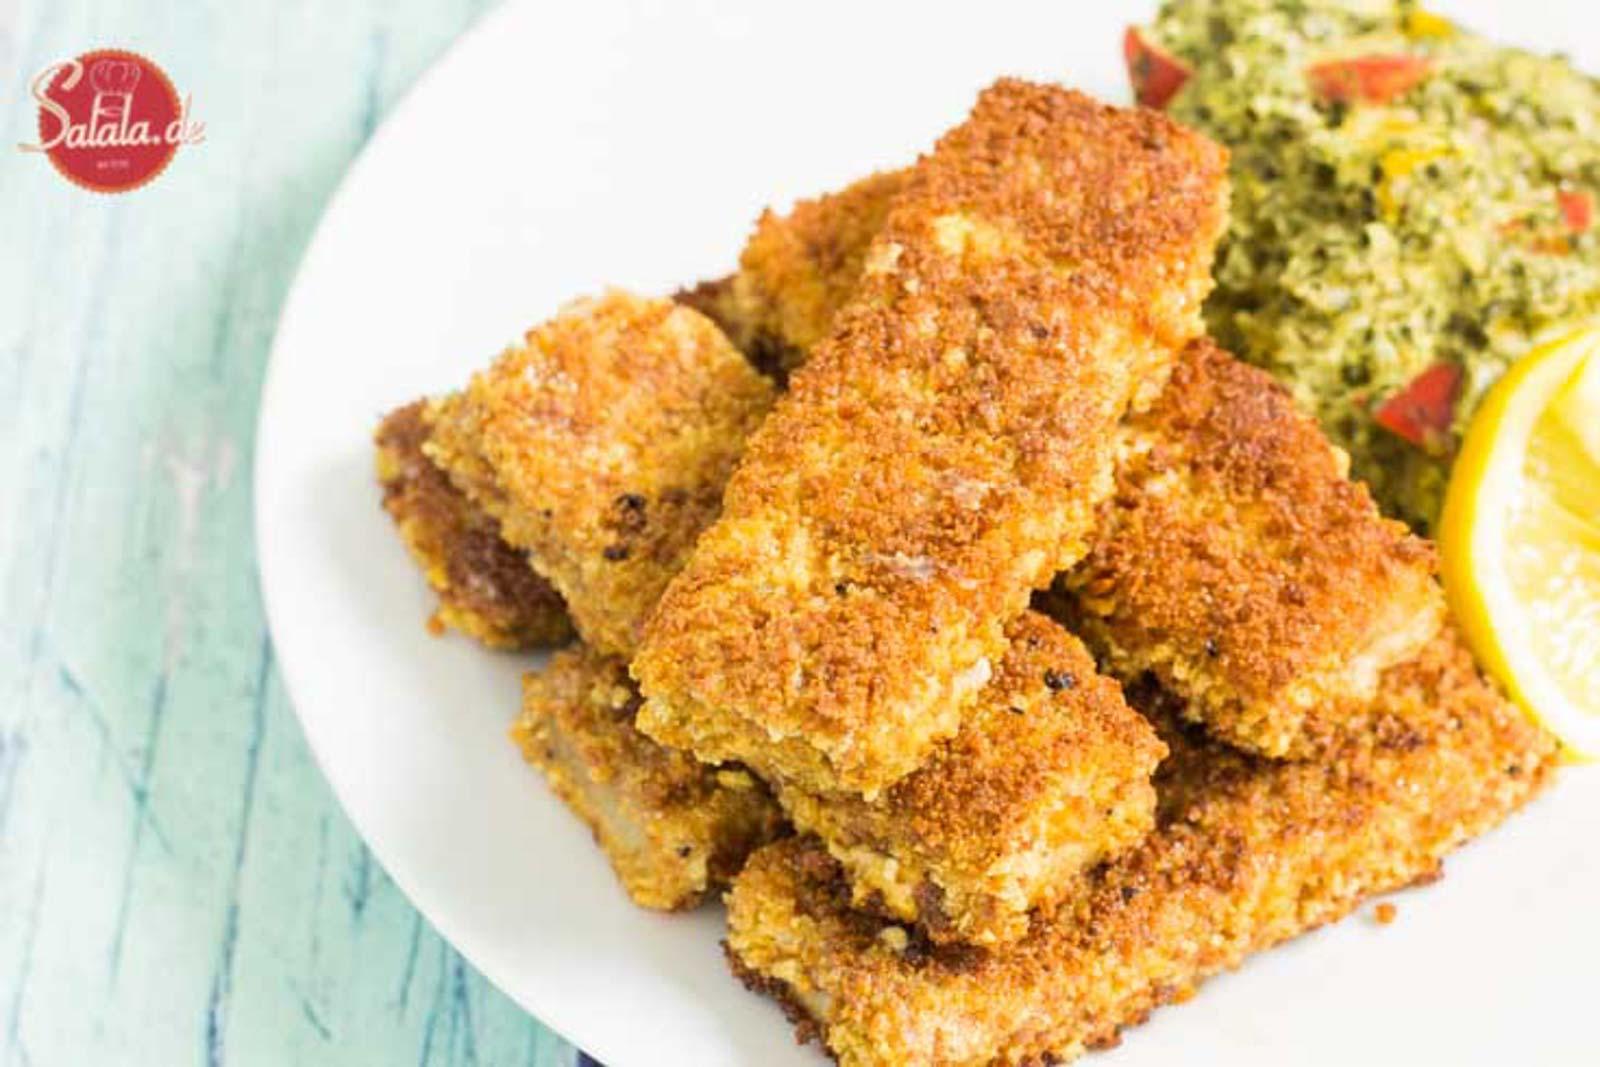 Fischstäbchen selber machen Low Carb mit knuspriger Panade Rezept und glutenfrei salala.de mit Low Carb Paniermehl